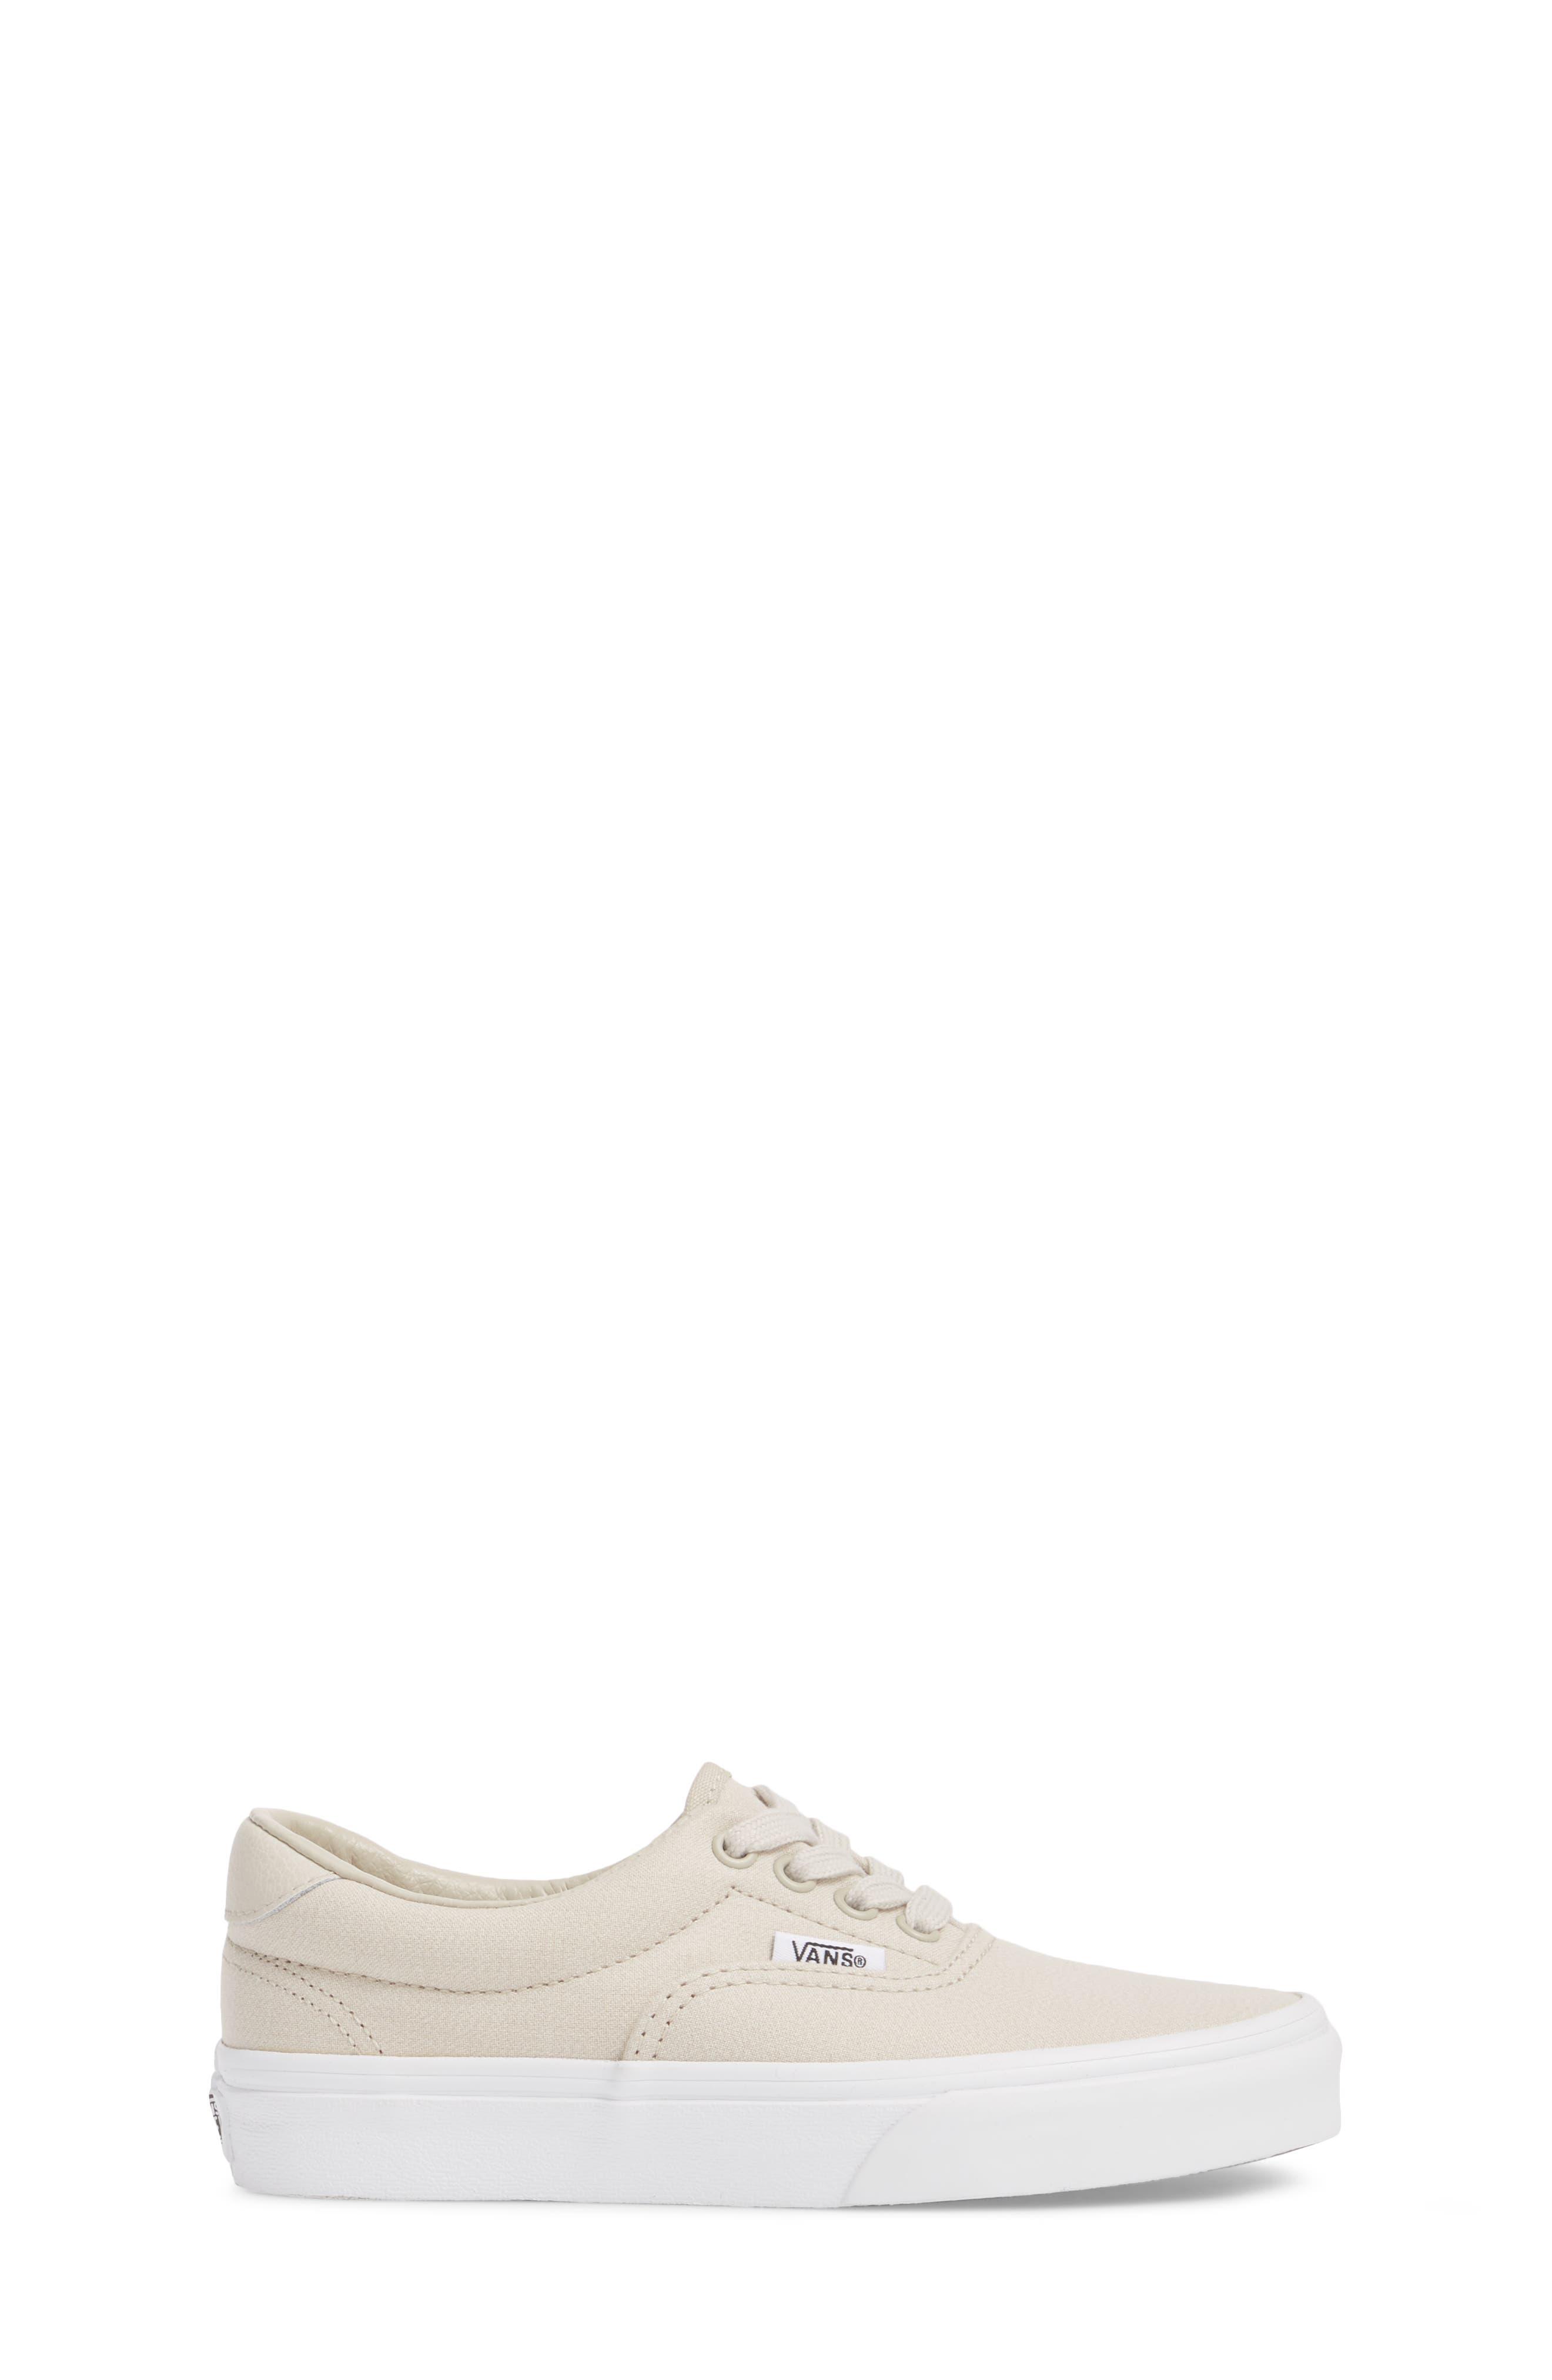 Era 59 Bleacher Sneaker,                             Alternate thumbnail 3, color,                             Silver Lining/ True White